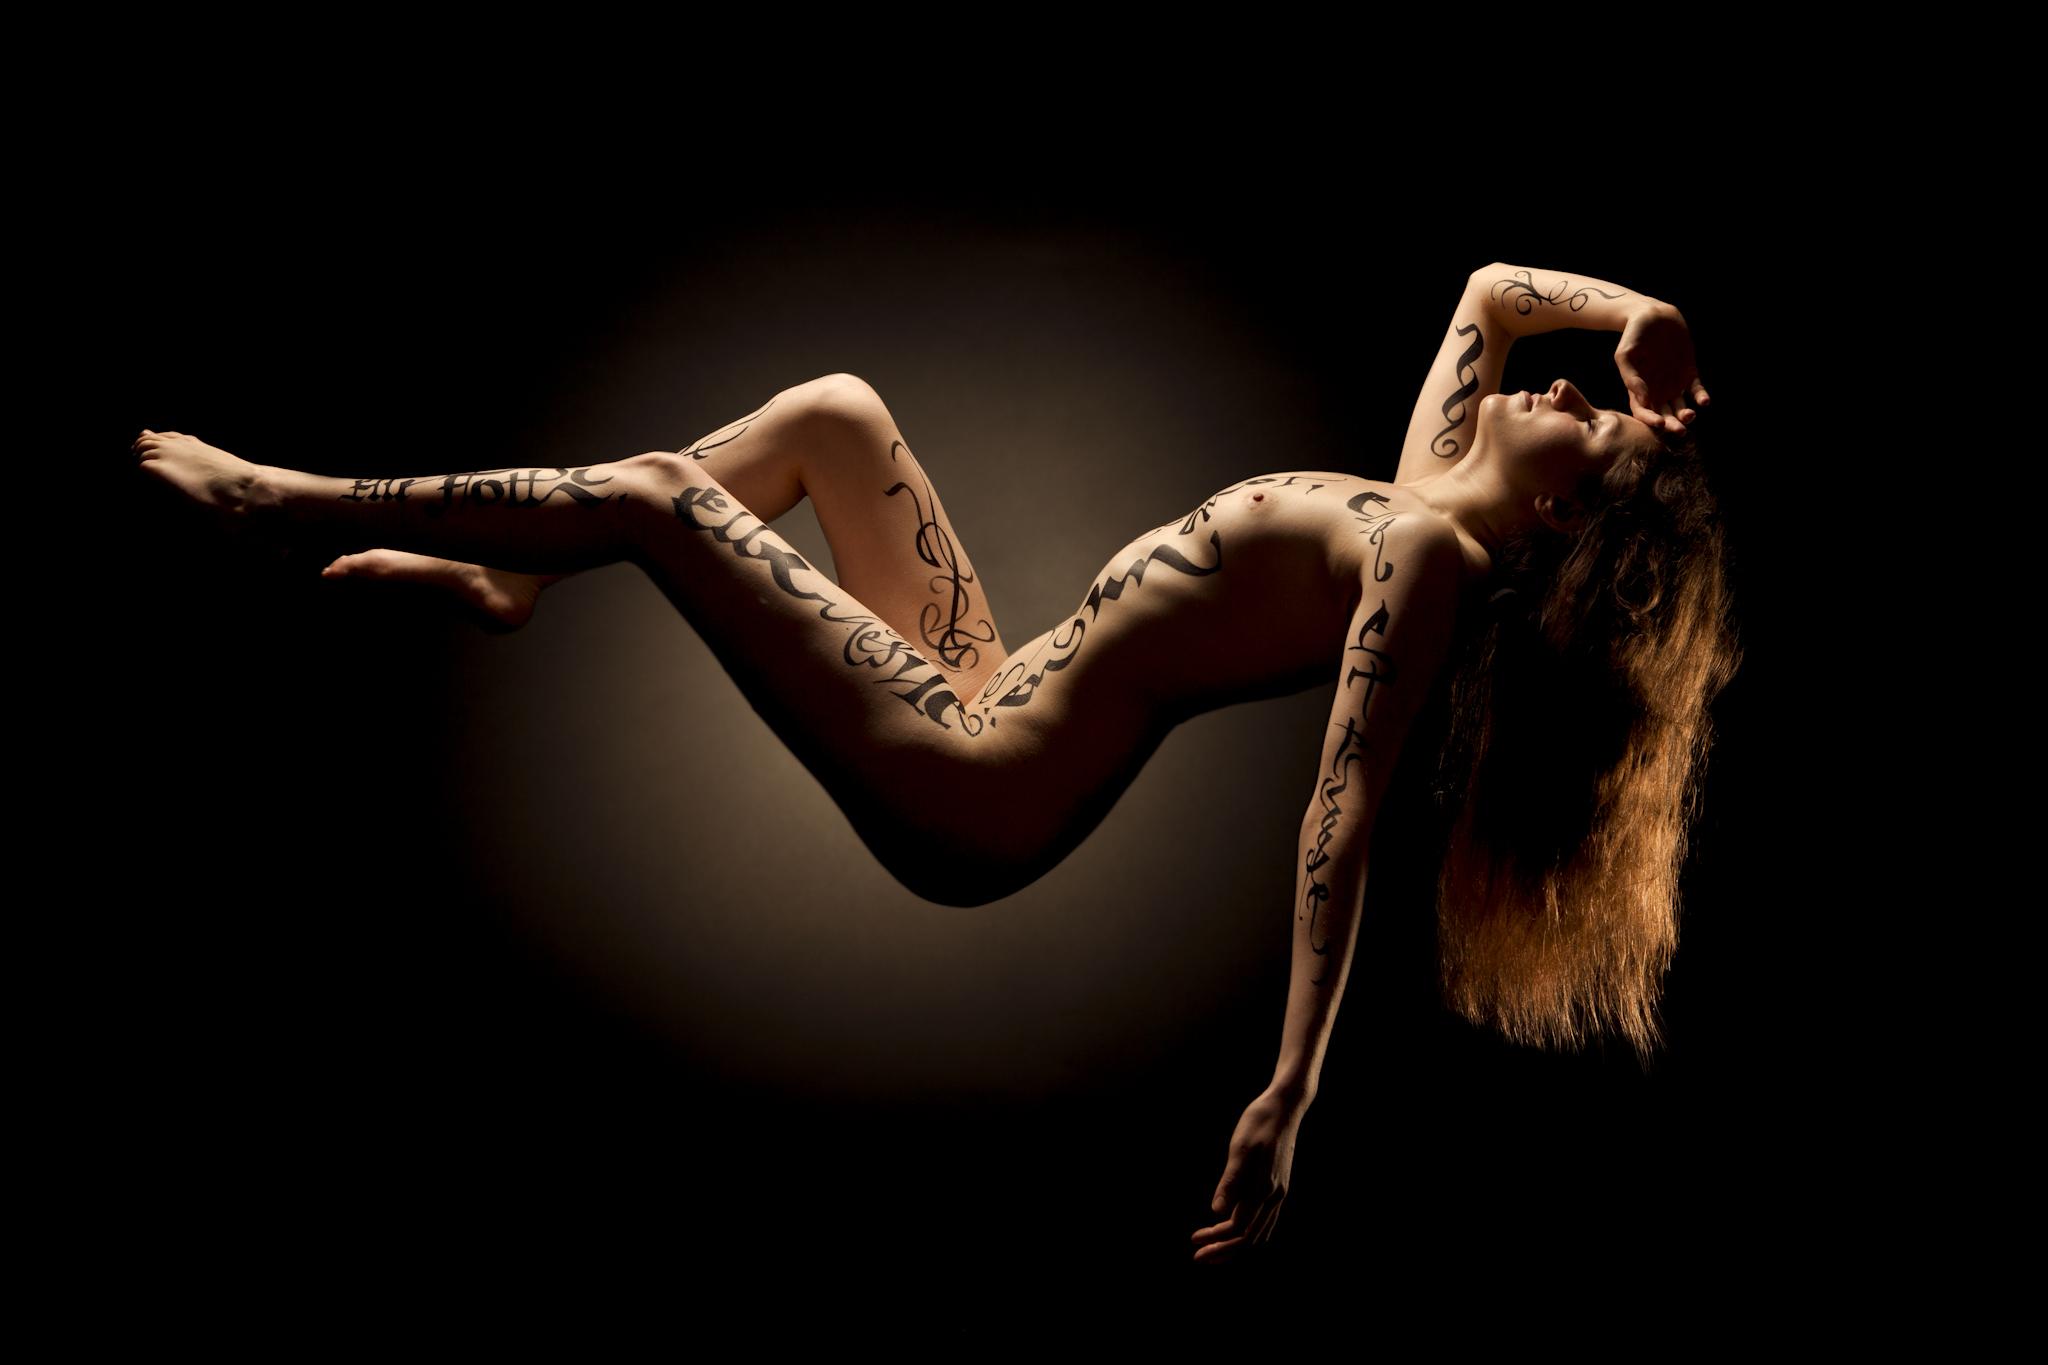 Танцы эротические фото 1 фотография